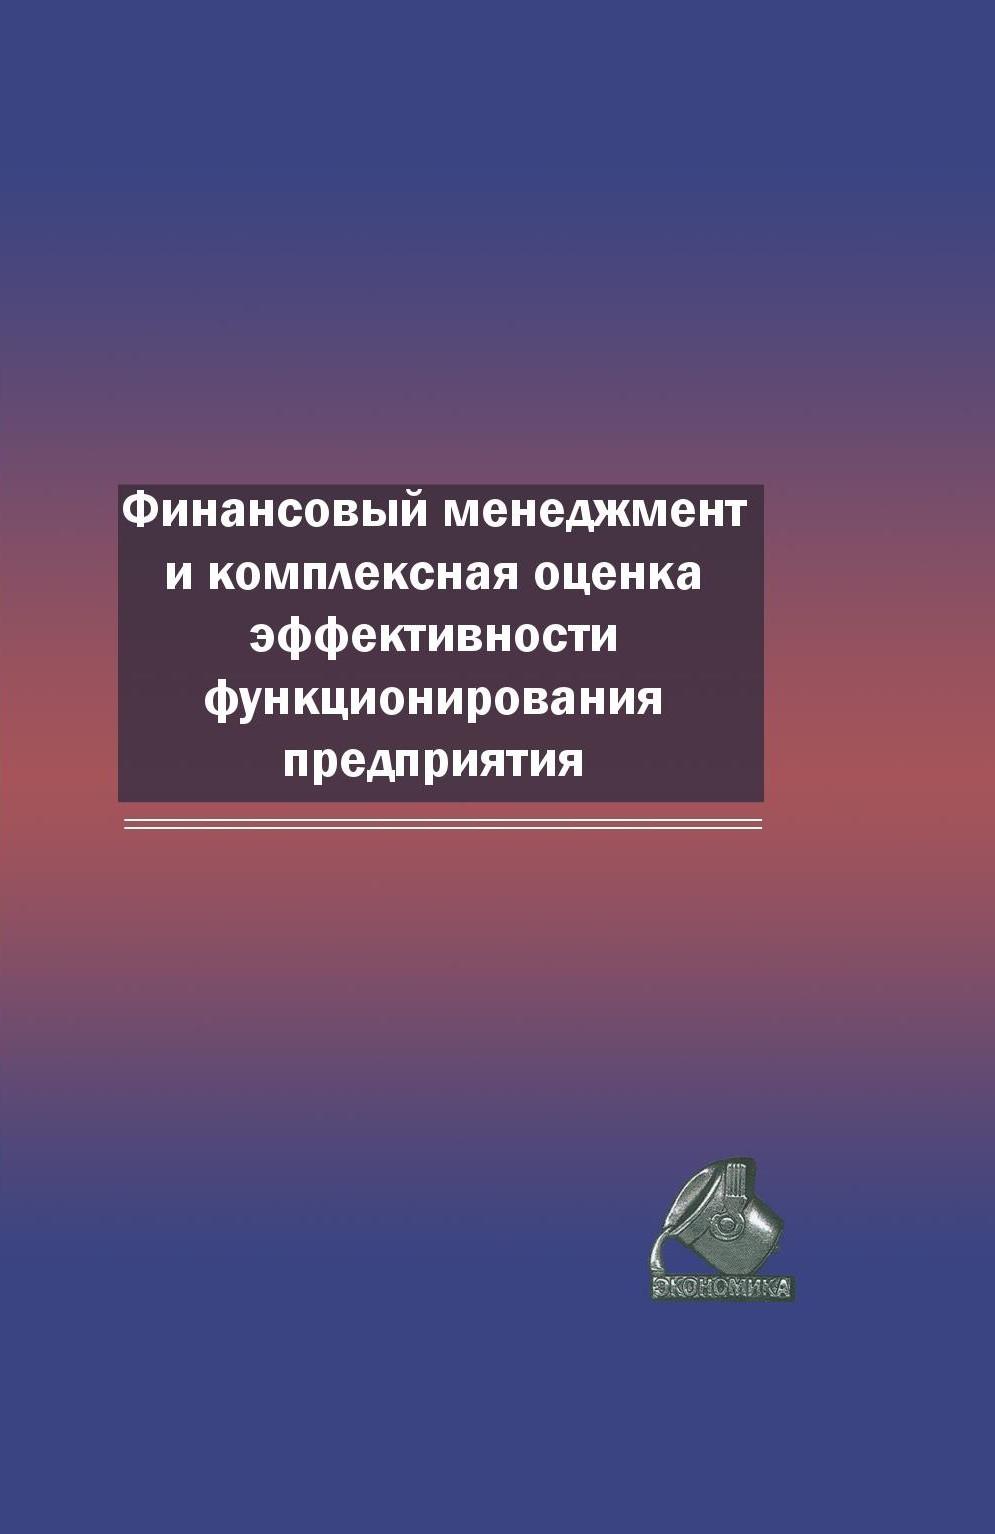 Евгения Елисеева Финансовый менеджмент и комплексная оценка эффективности функционирования предприятия